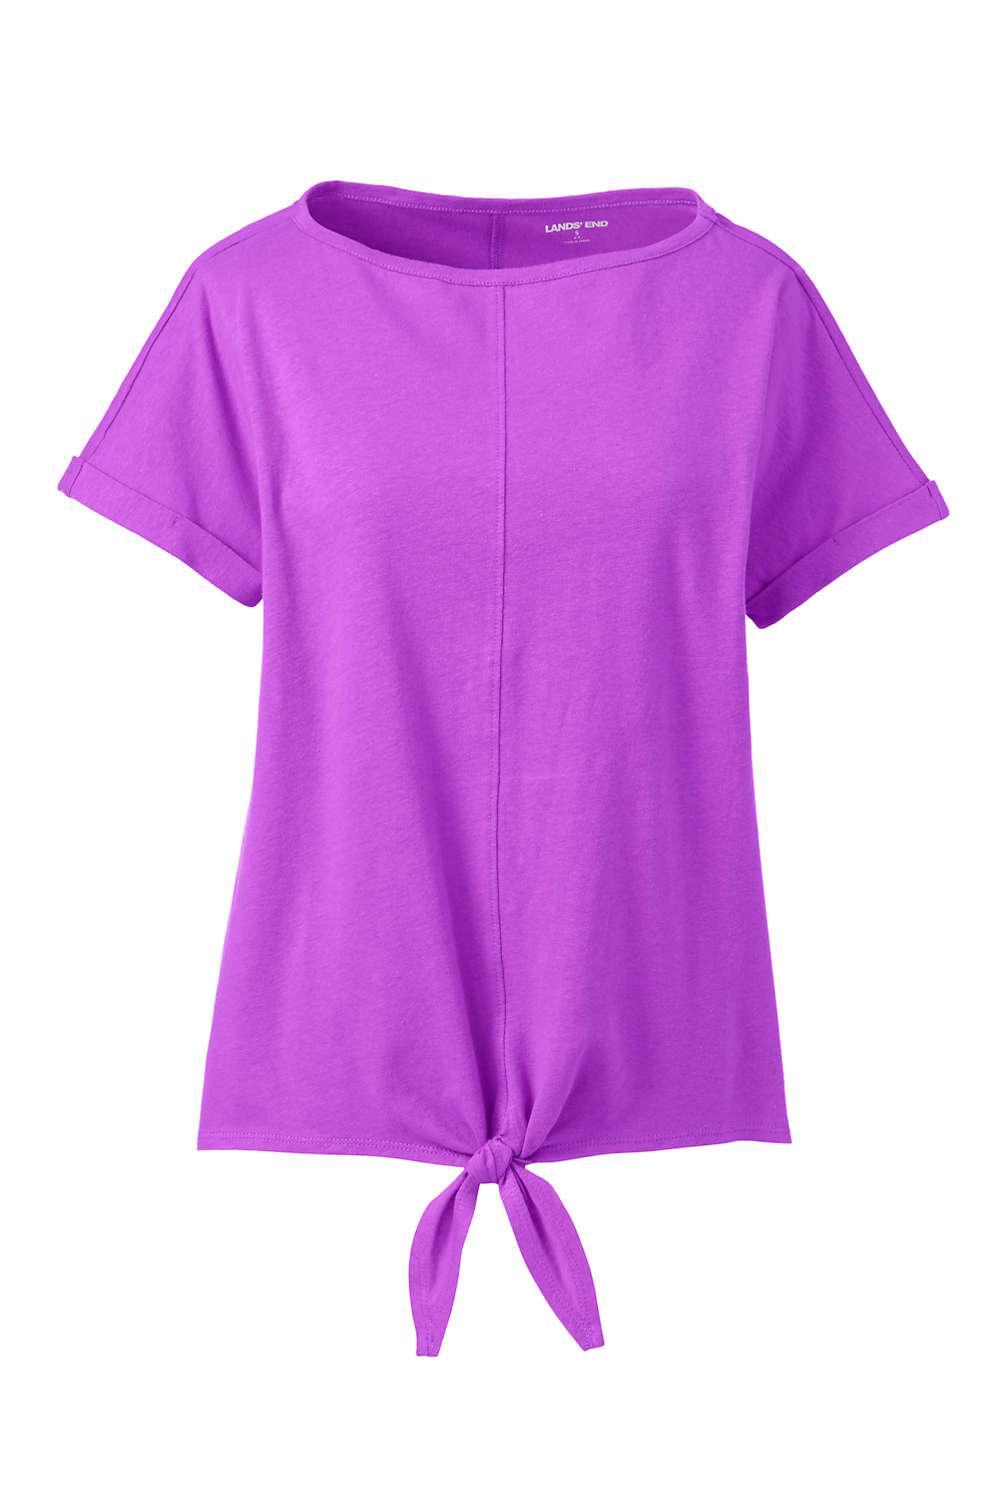 e4b93531cac Women s Plus Size Short Sleeve Linen Cotton Boat Neck Tie Front T ...